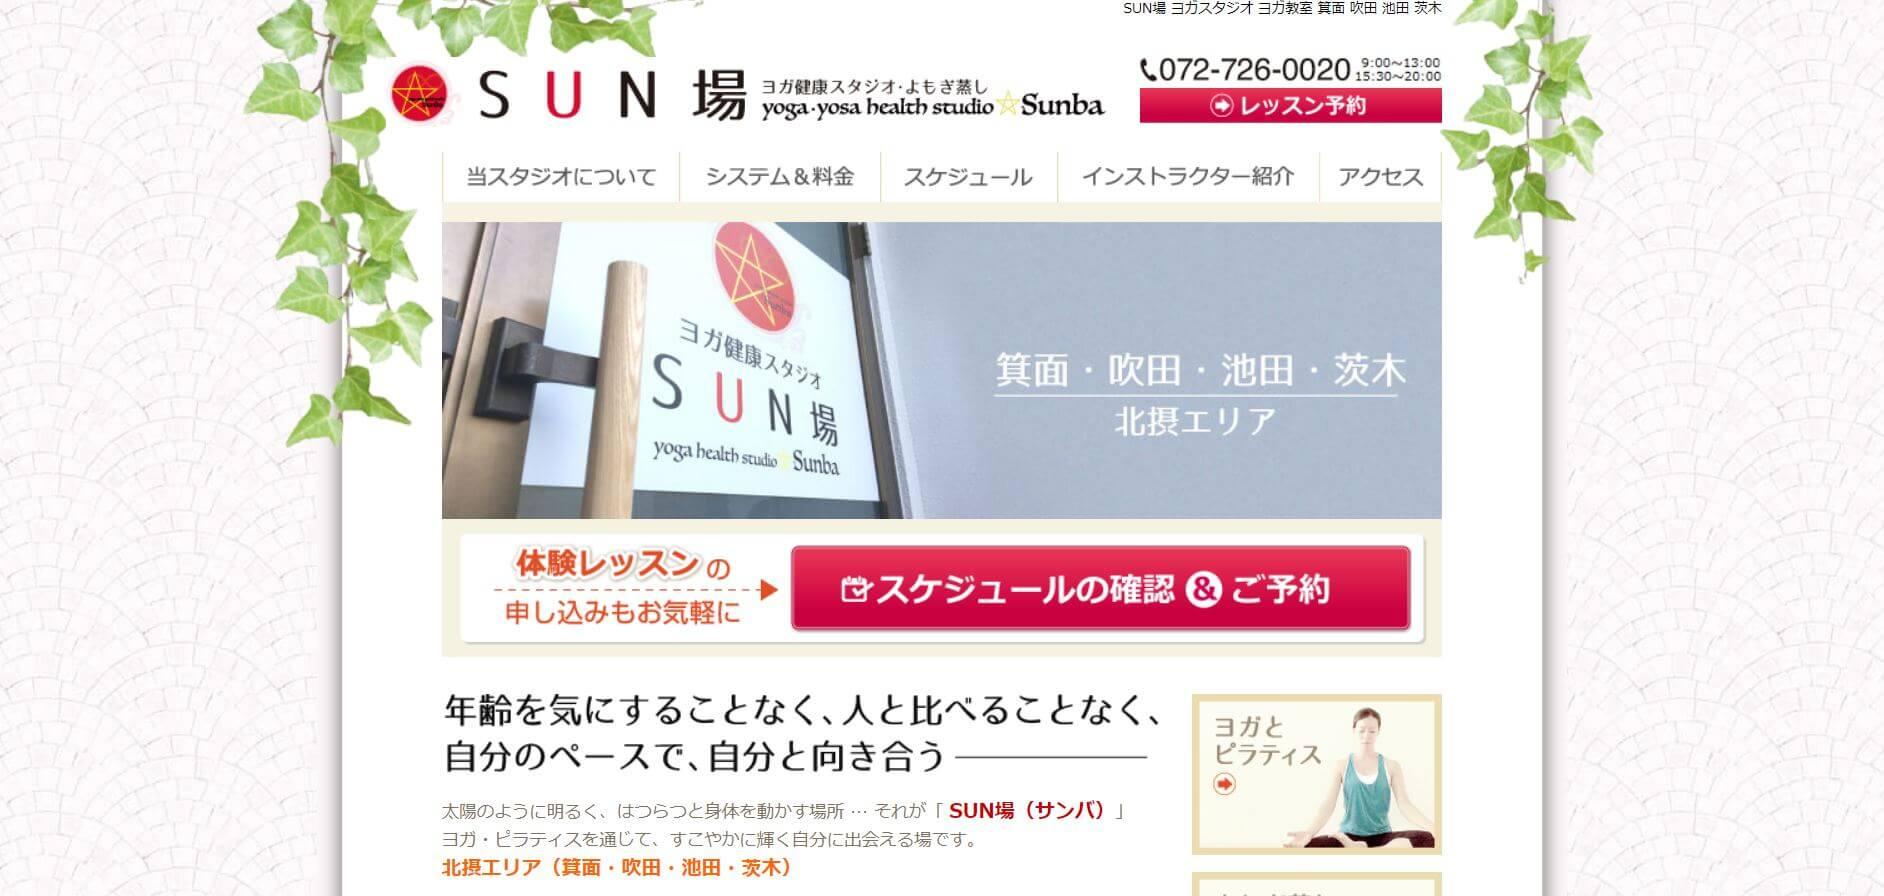 ヨガ健康スタジオSUN場